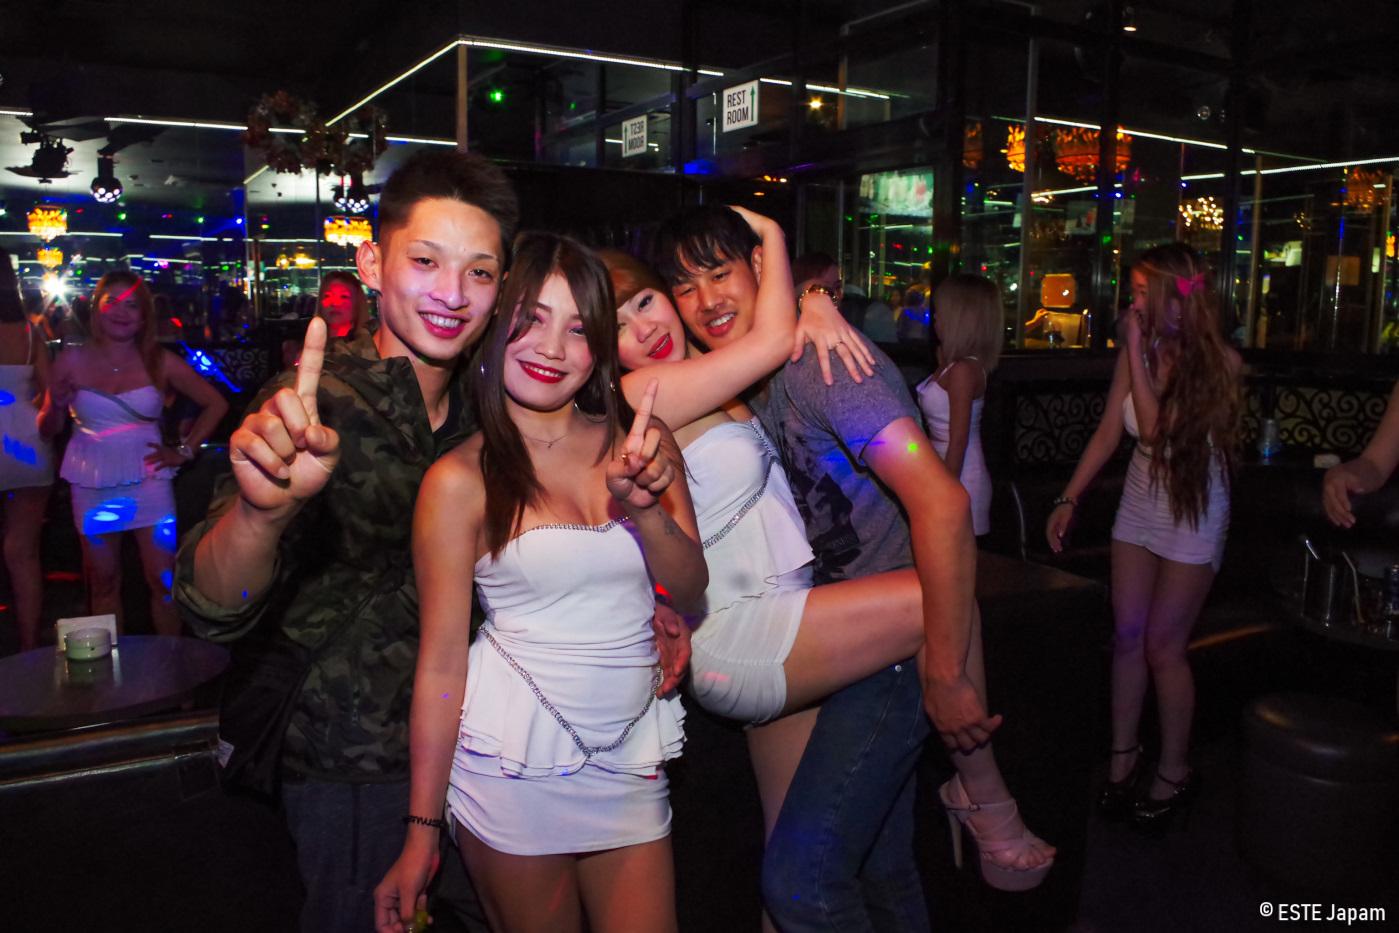 ktvで女の子と一緒に踊る男性2名